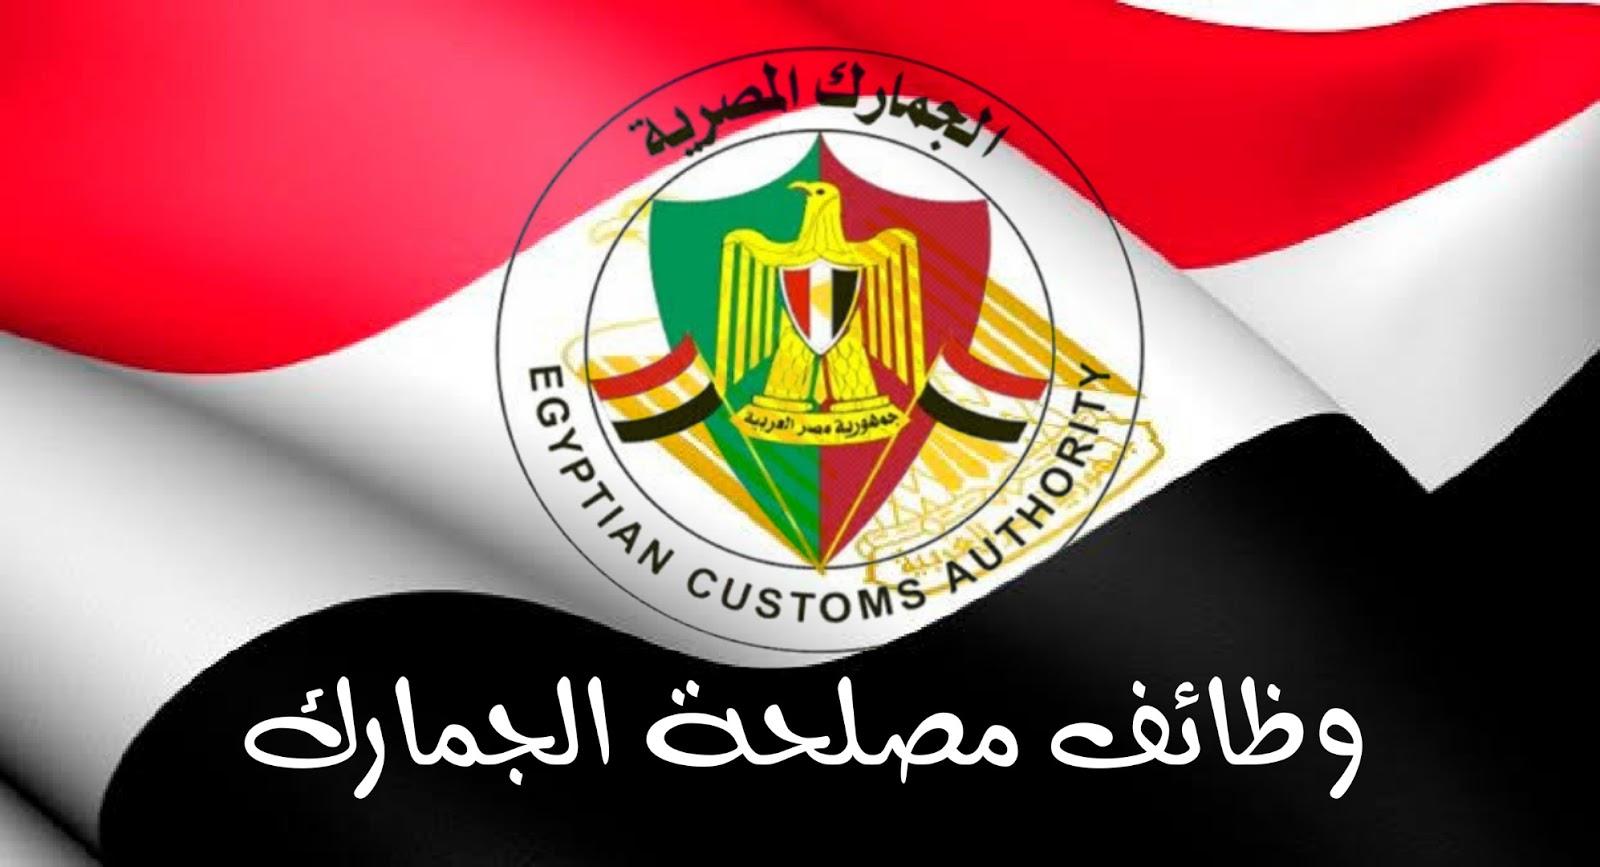 مسابقة وظائف مصلحة الجمارك المصرية مصر 2021